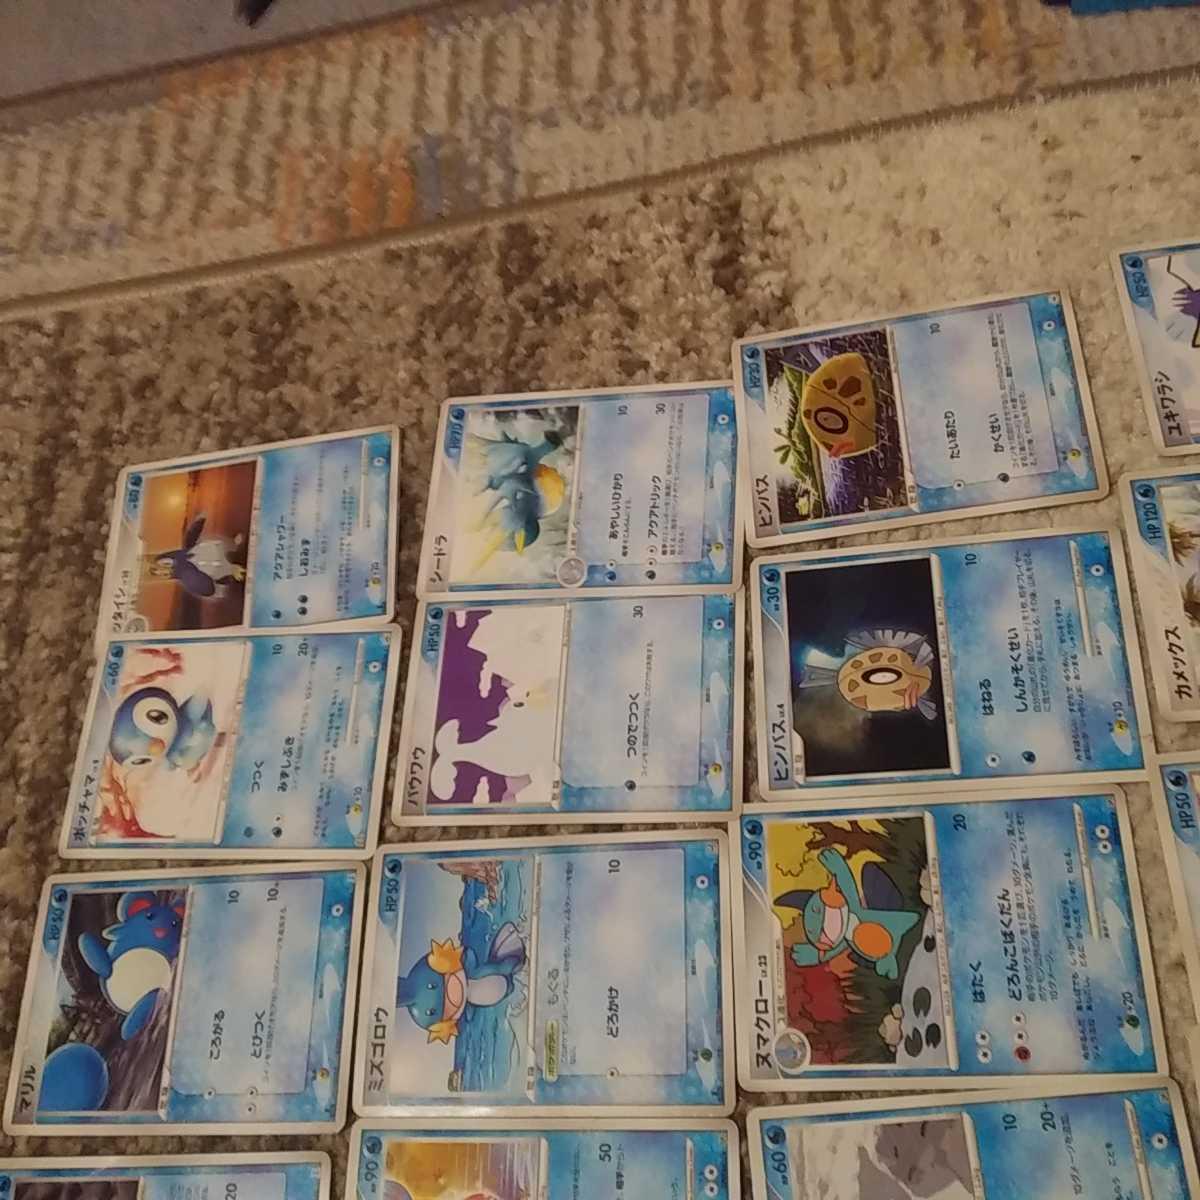 ポケモンカード 水ポケモン 28枚セット まとめ売り 1円売り切り_画像2